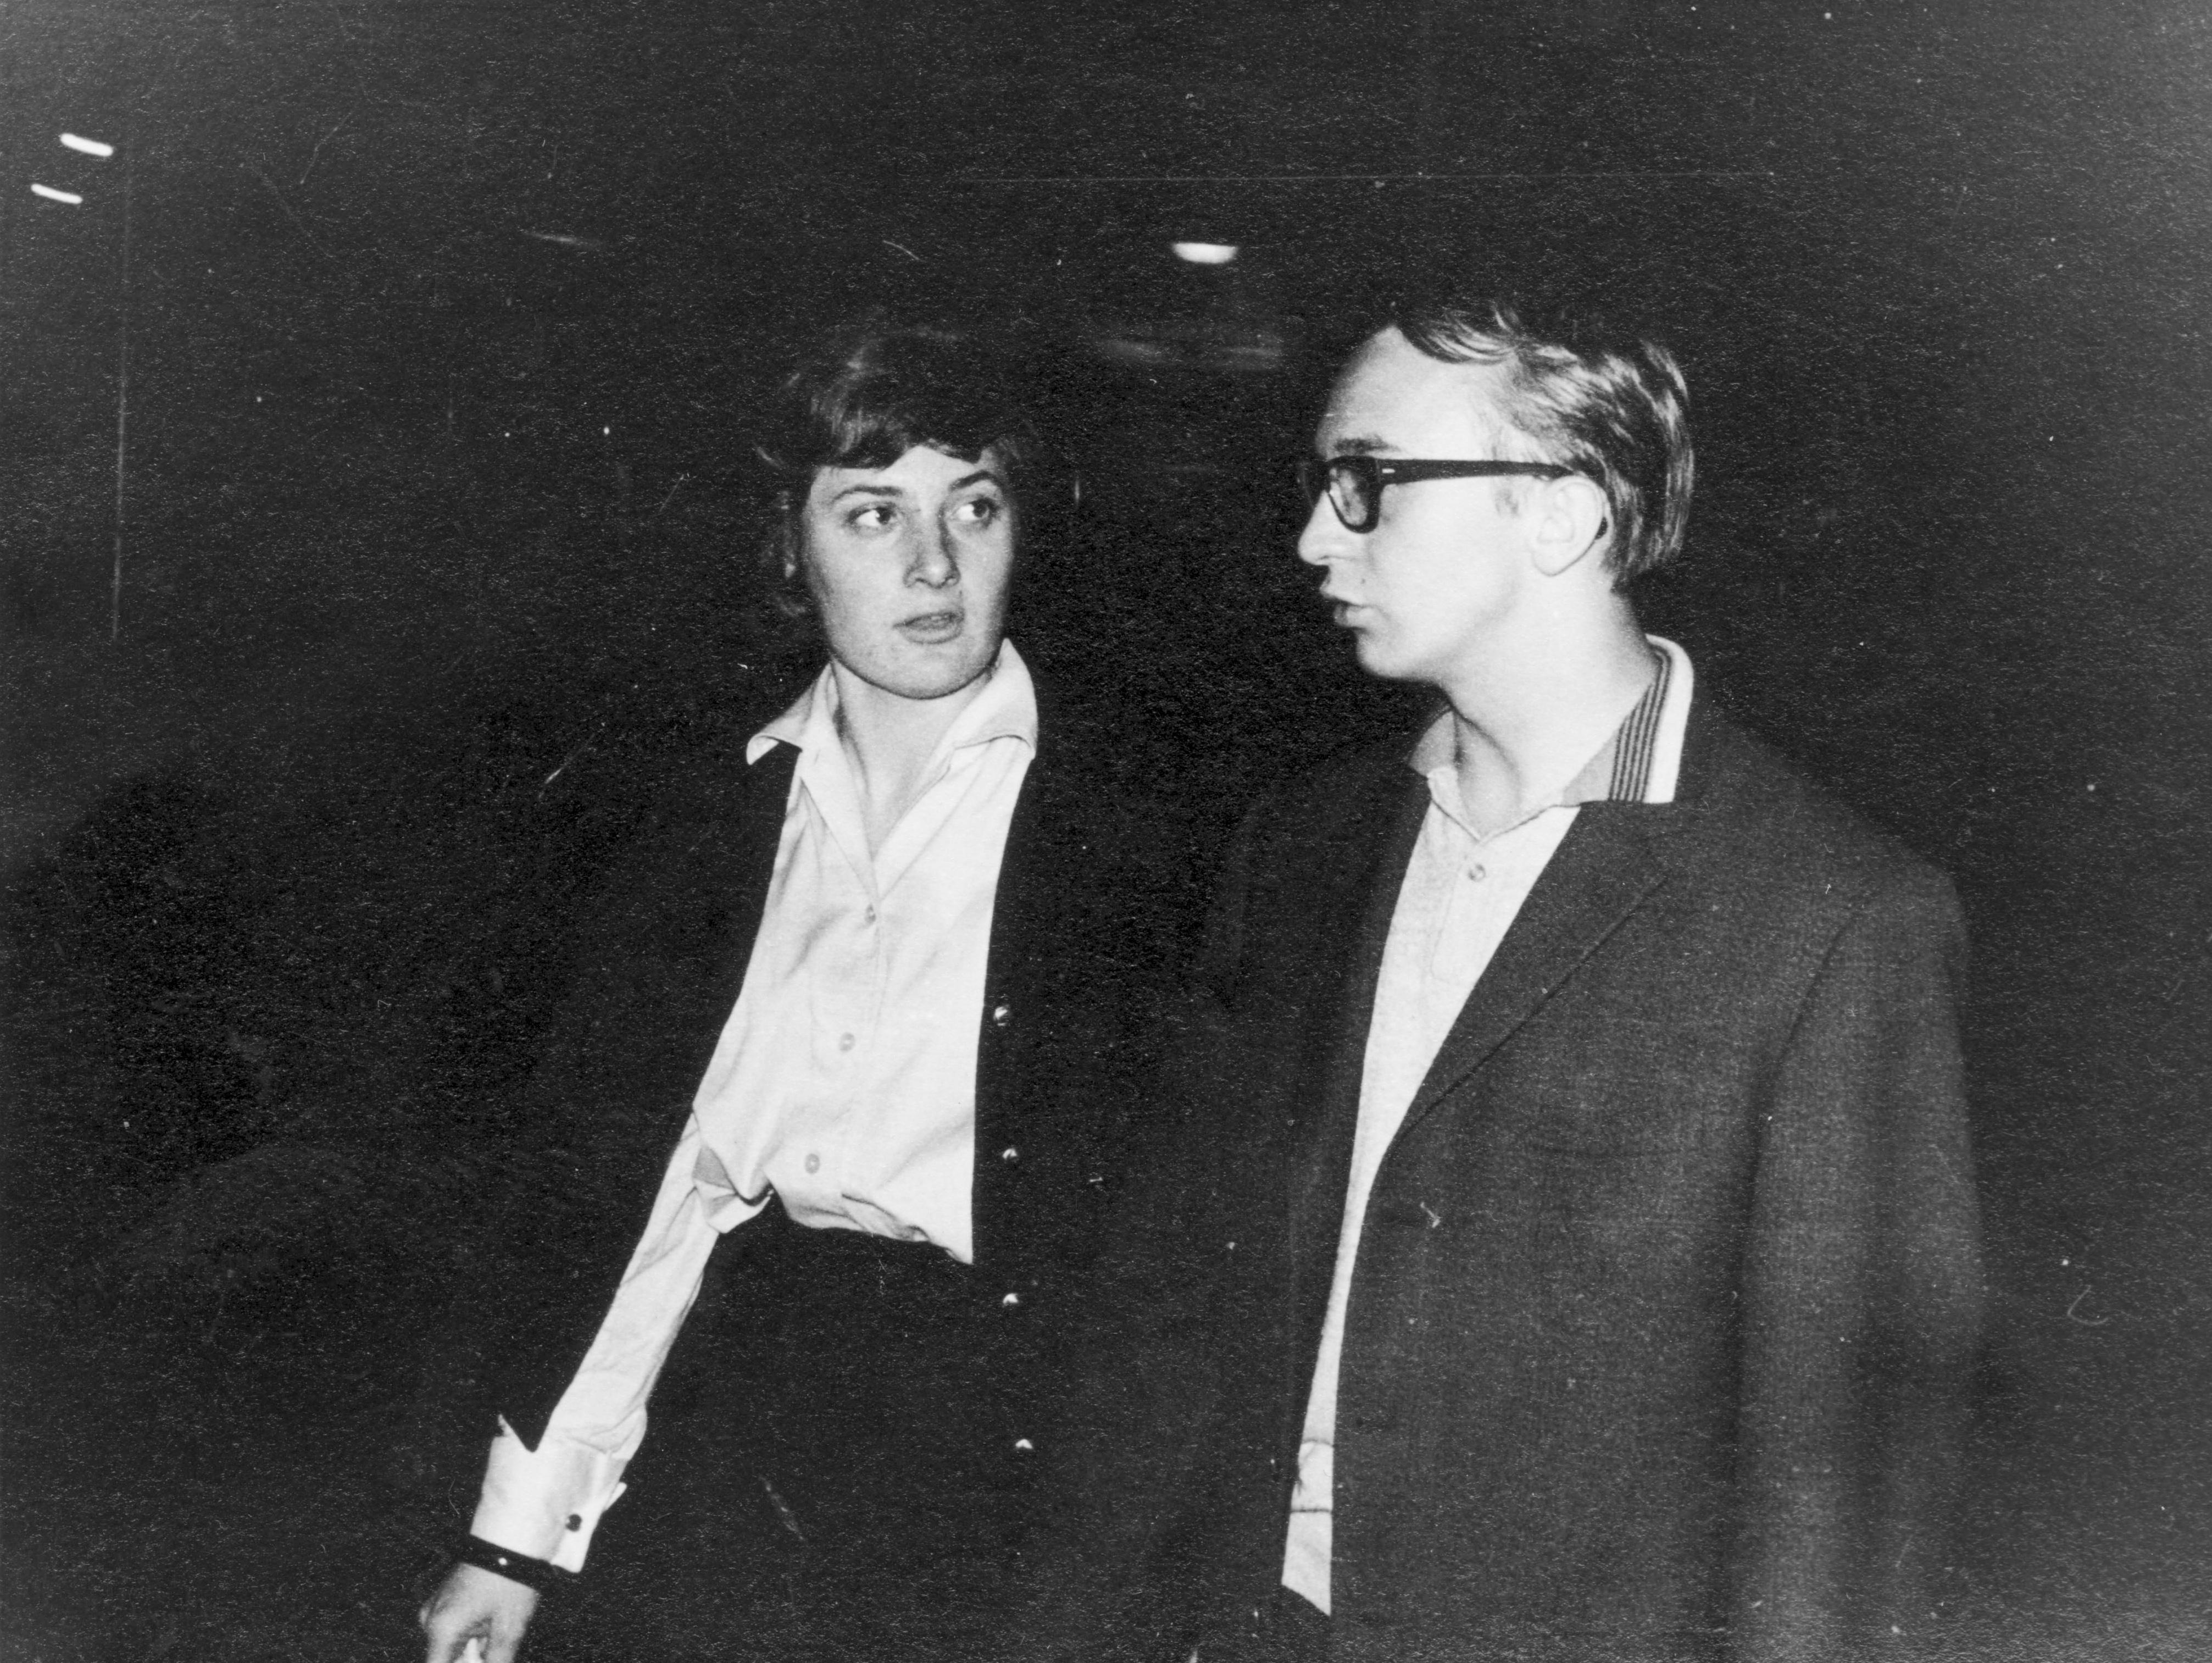 Barbara Schemeth und Erich (später dann: Erik) Göller 1964 auf dem Weg ins Nirgendwo, welches Immer und Überall und Ewig ist. Schade, dass die Zeit unseres Zusammenseins nur so kurz sein durfte.